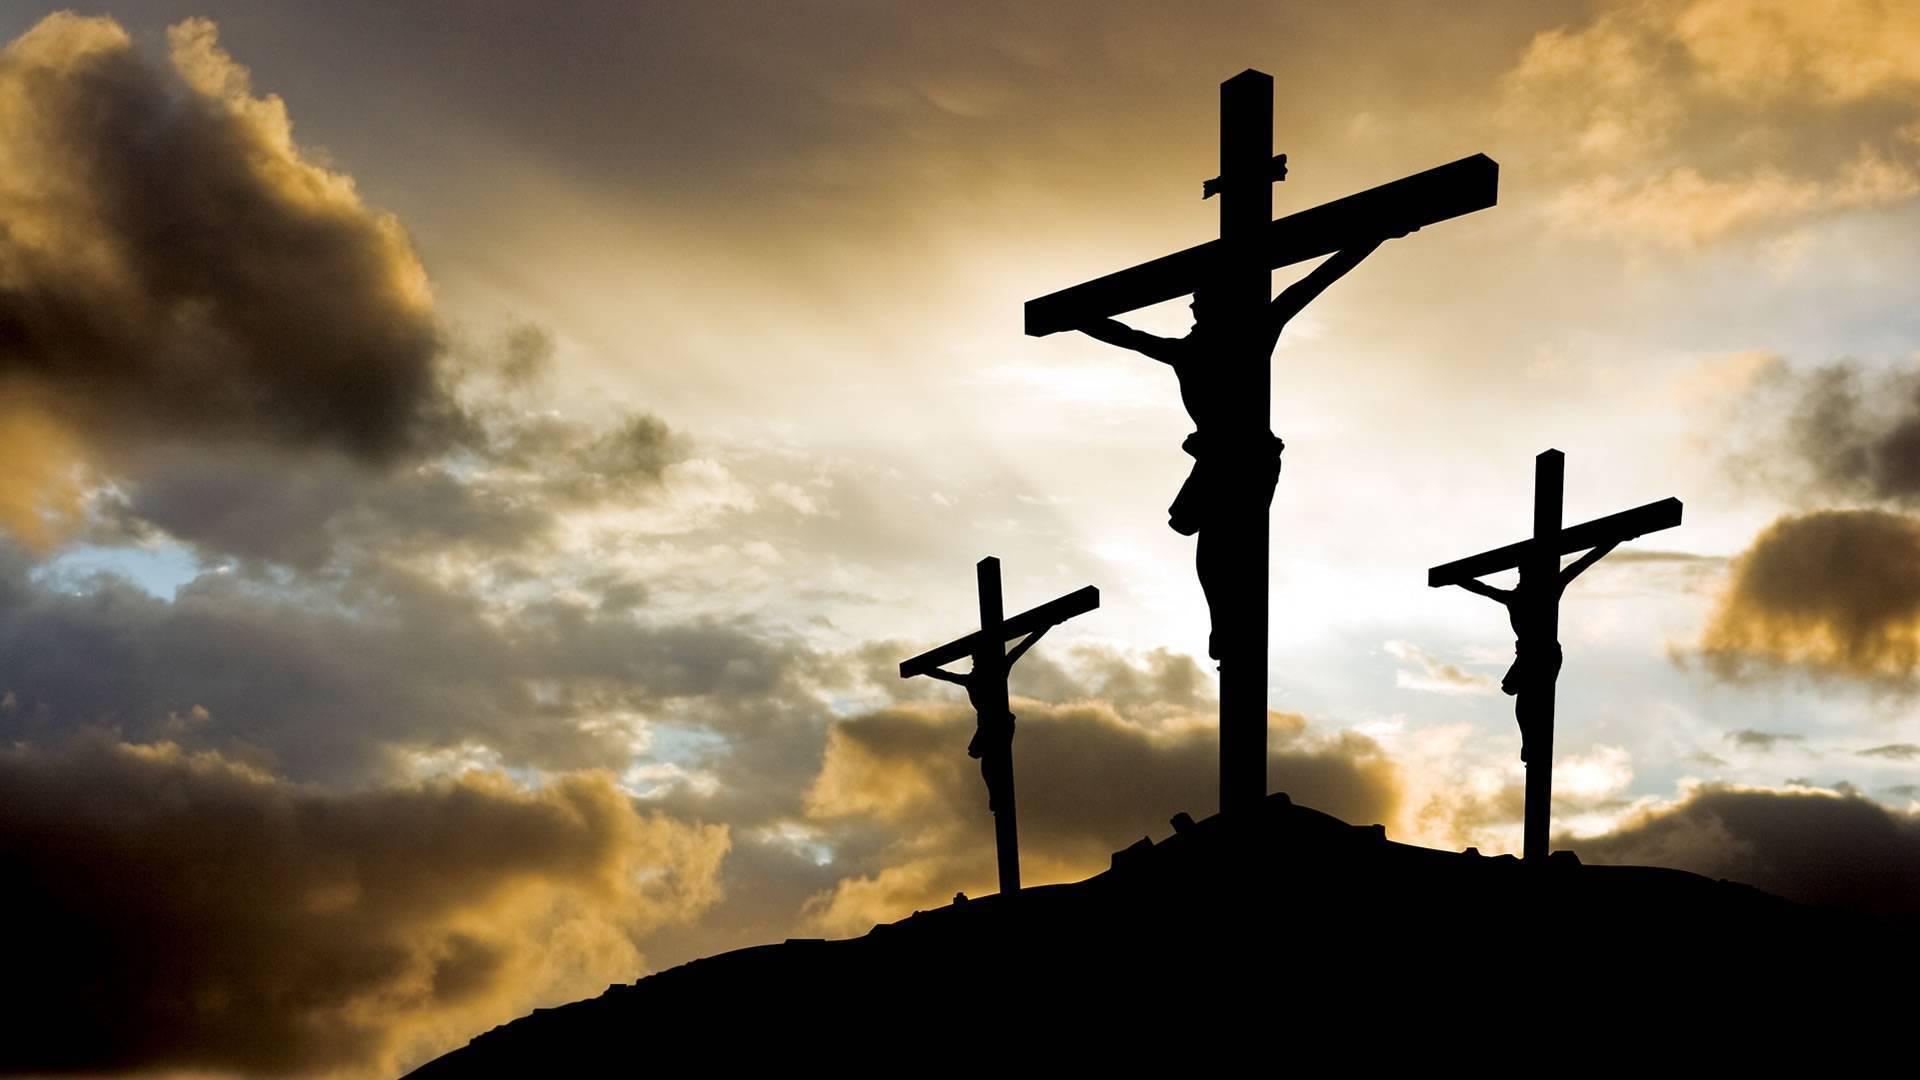 Good Friday-3 crosses.jpg